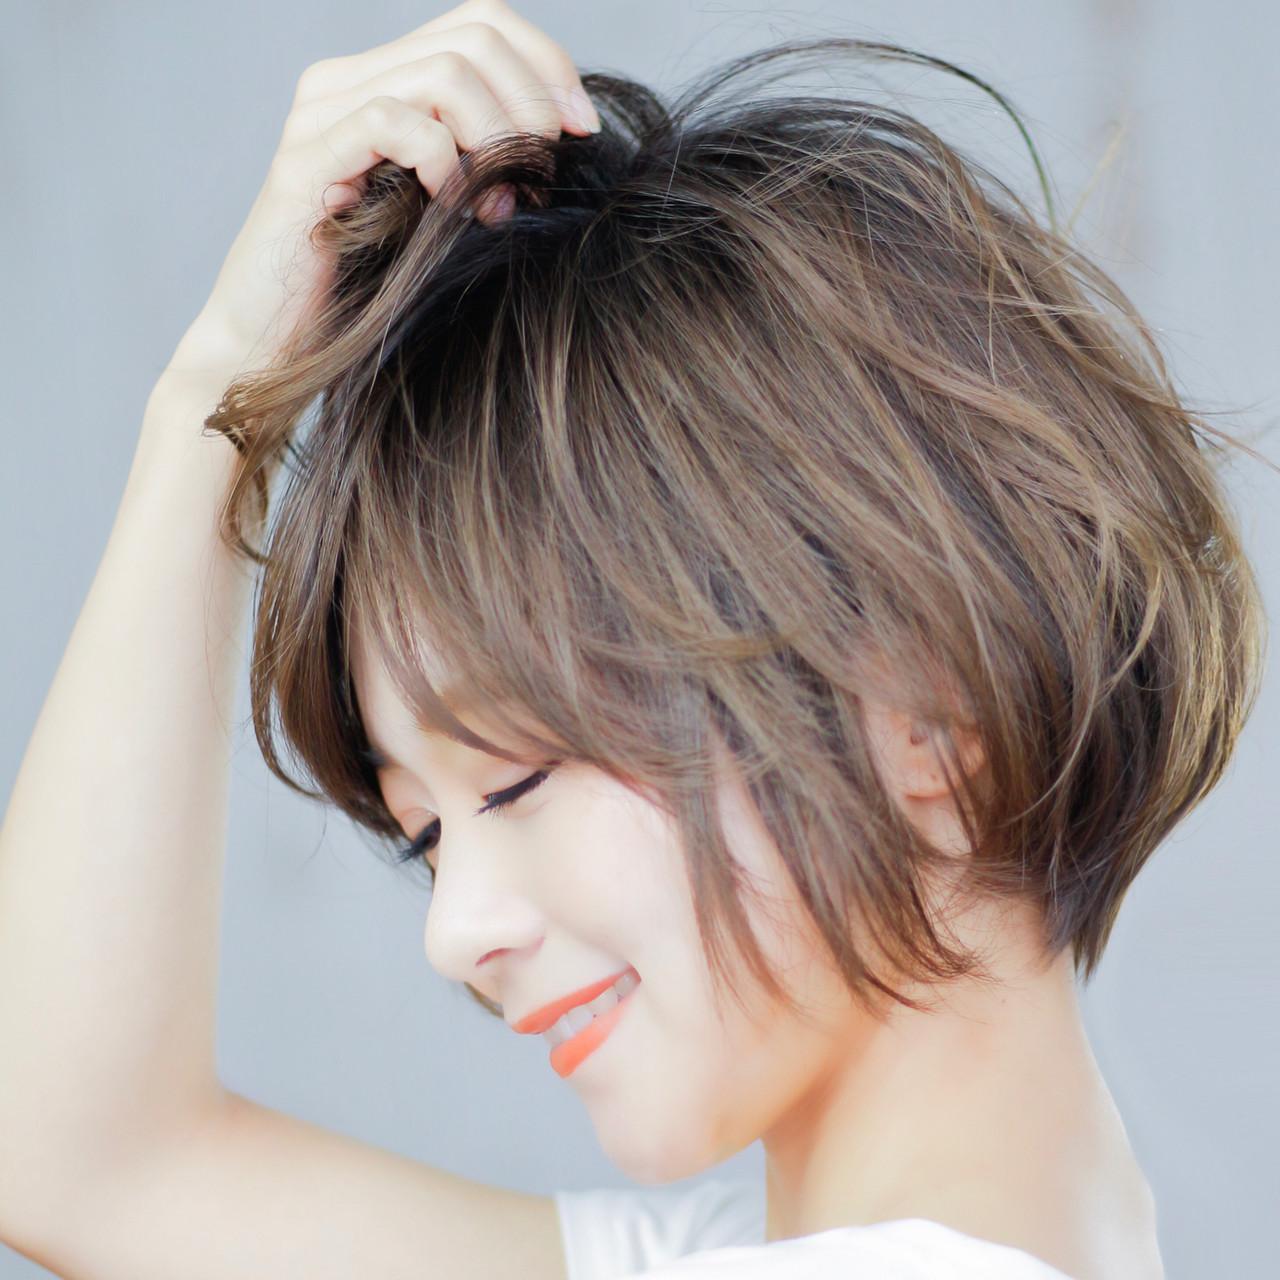 デート ショートボブ パーマ ショート ヘアスタイルや髪型の写真・画像